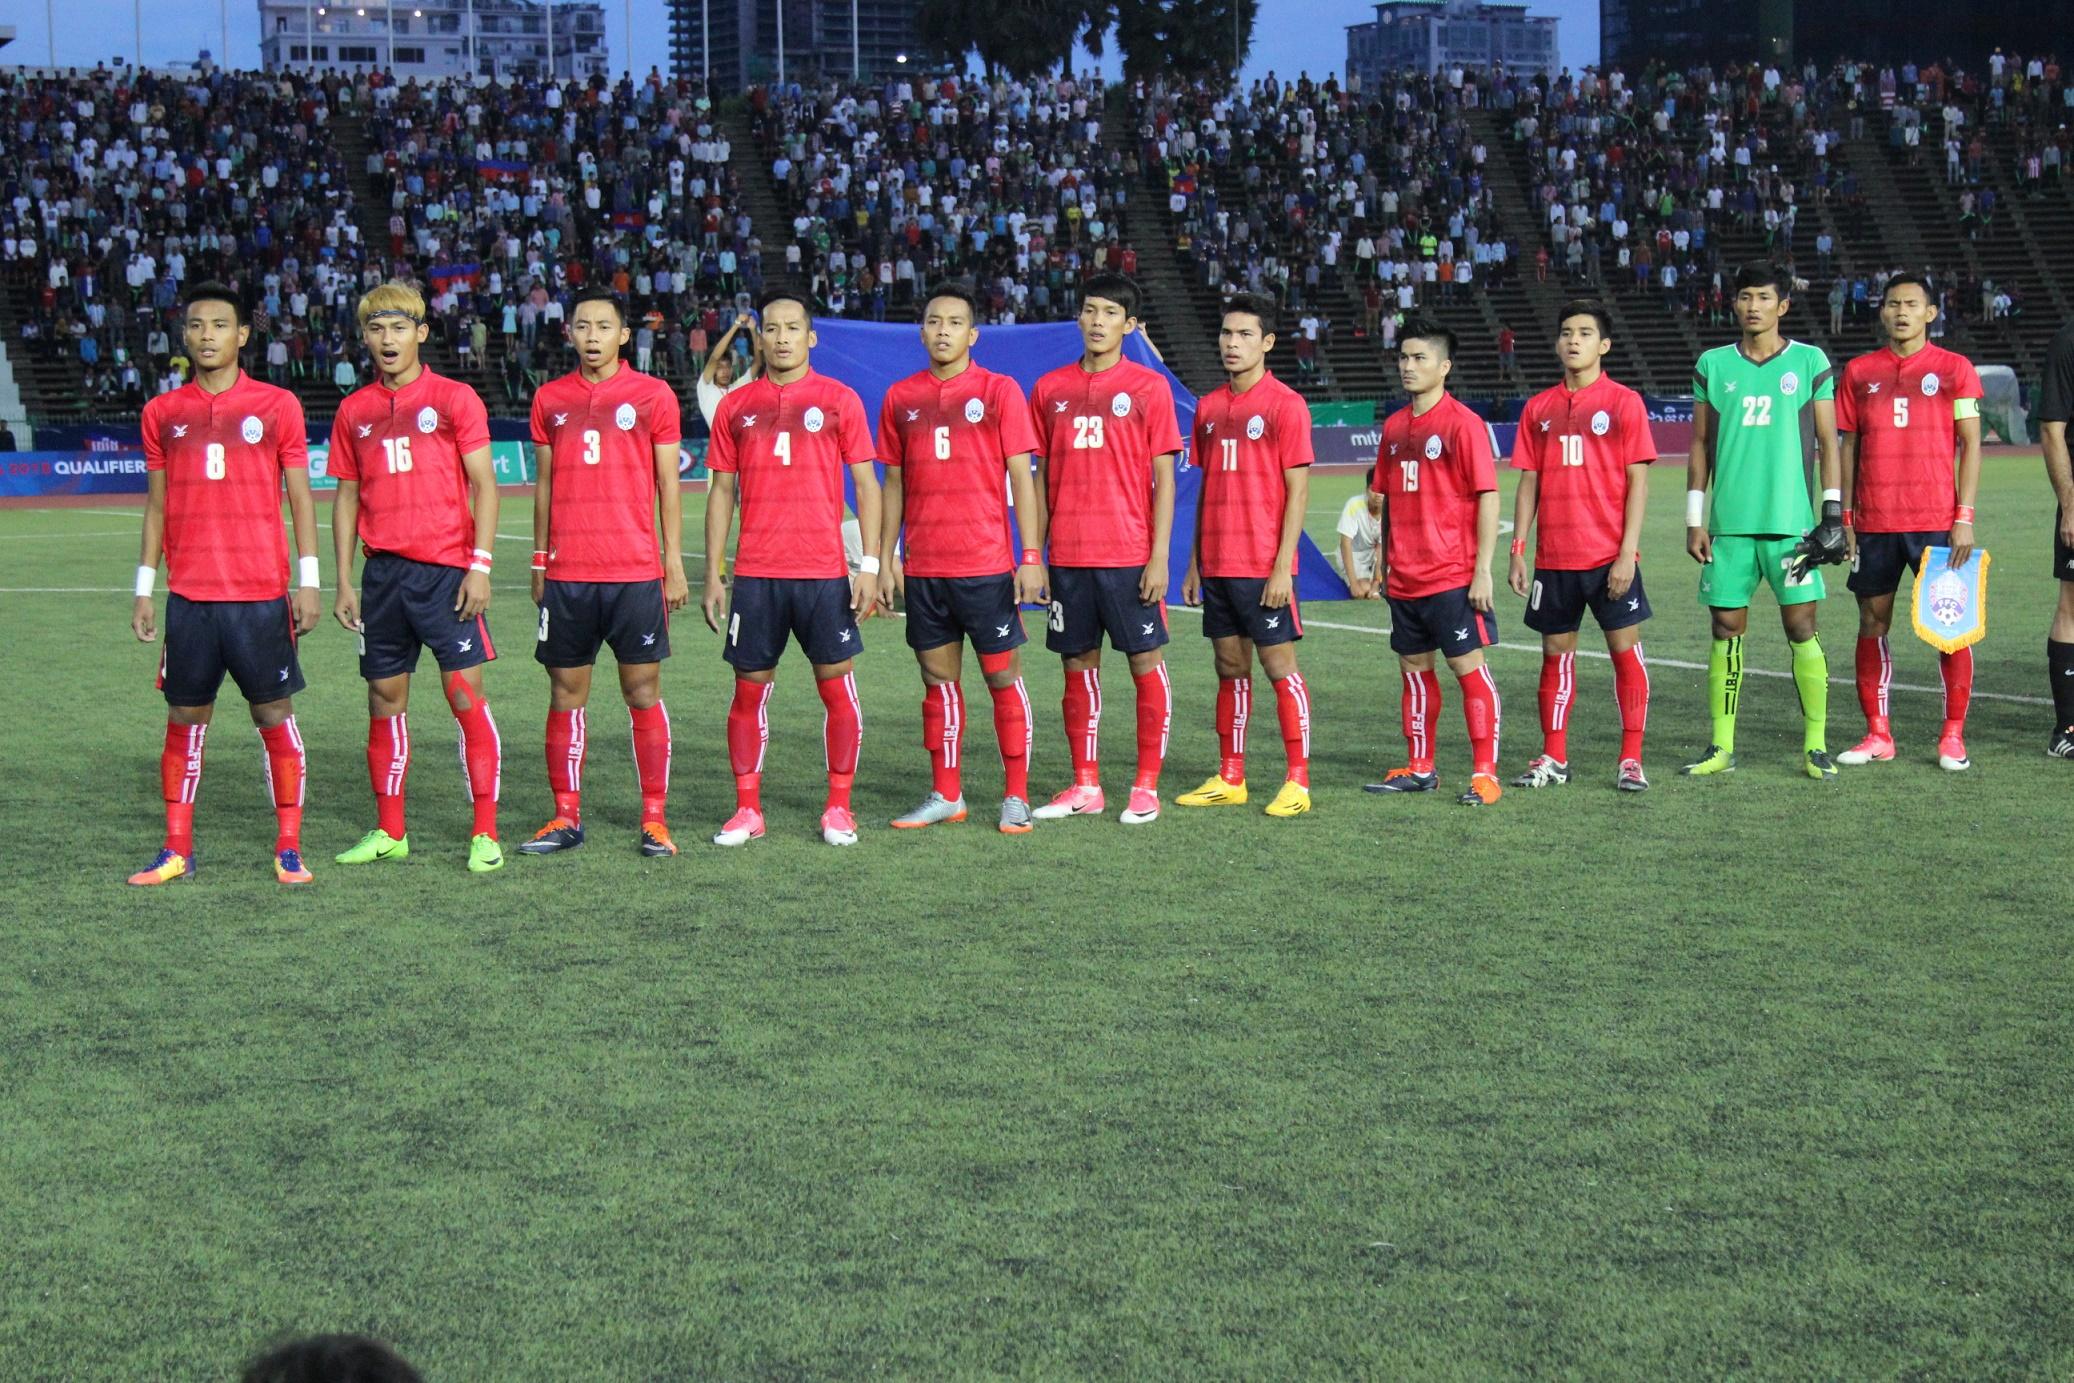 【~AFC U-23選手権2018予選レポート~】ホームの利をいかし、大健闘したカンボジア